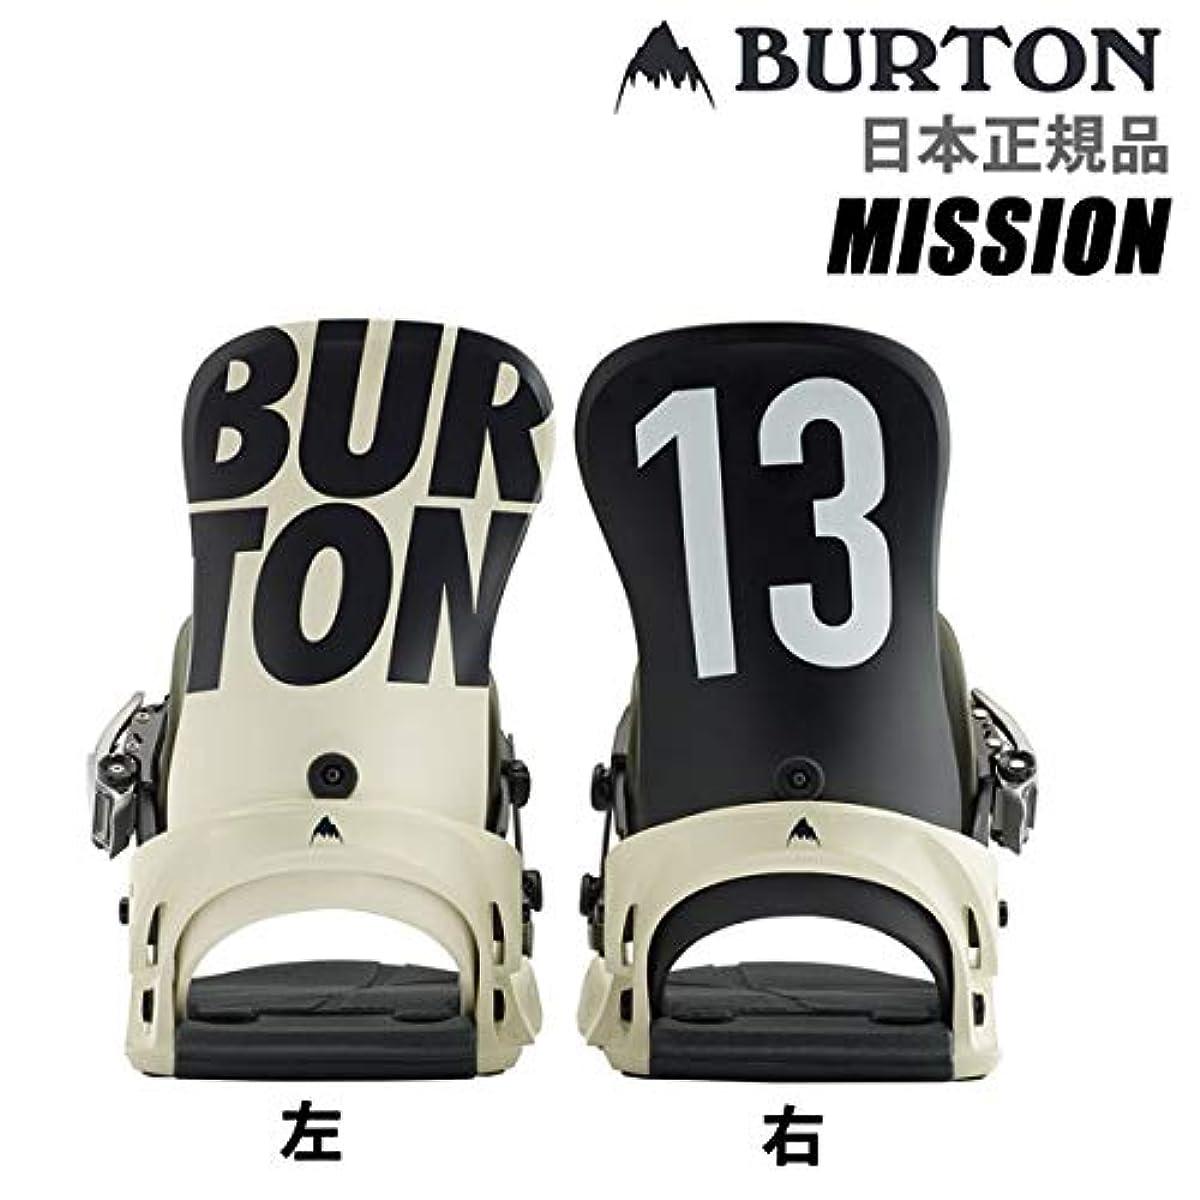 [해외] 버튼 버튼 바인딩 미션 MISSION RE:FLEX 리플렉스 OFF WHITE-BLACK 좌우 색다르 일본 정규품 BURTON 19-20 2020스노보드 빈딩【C1】